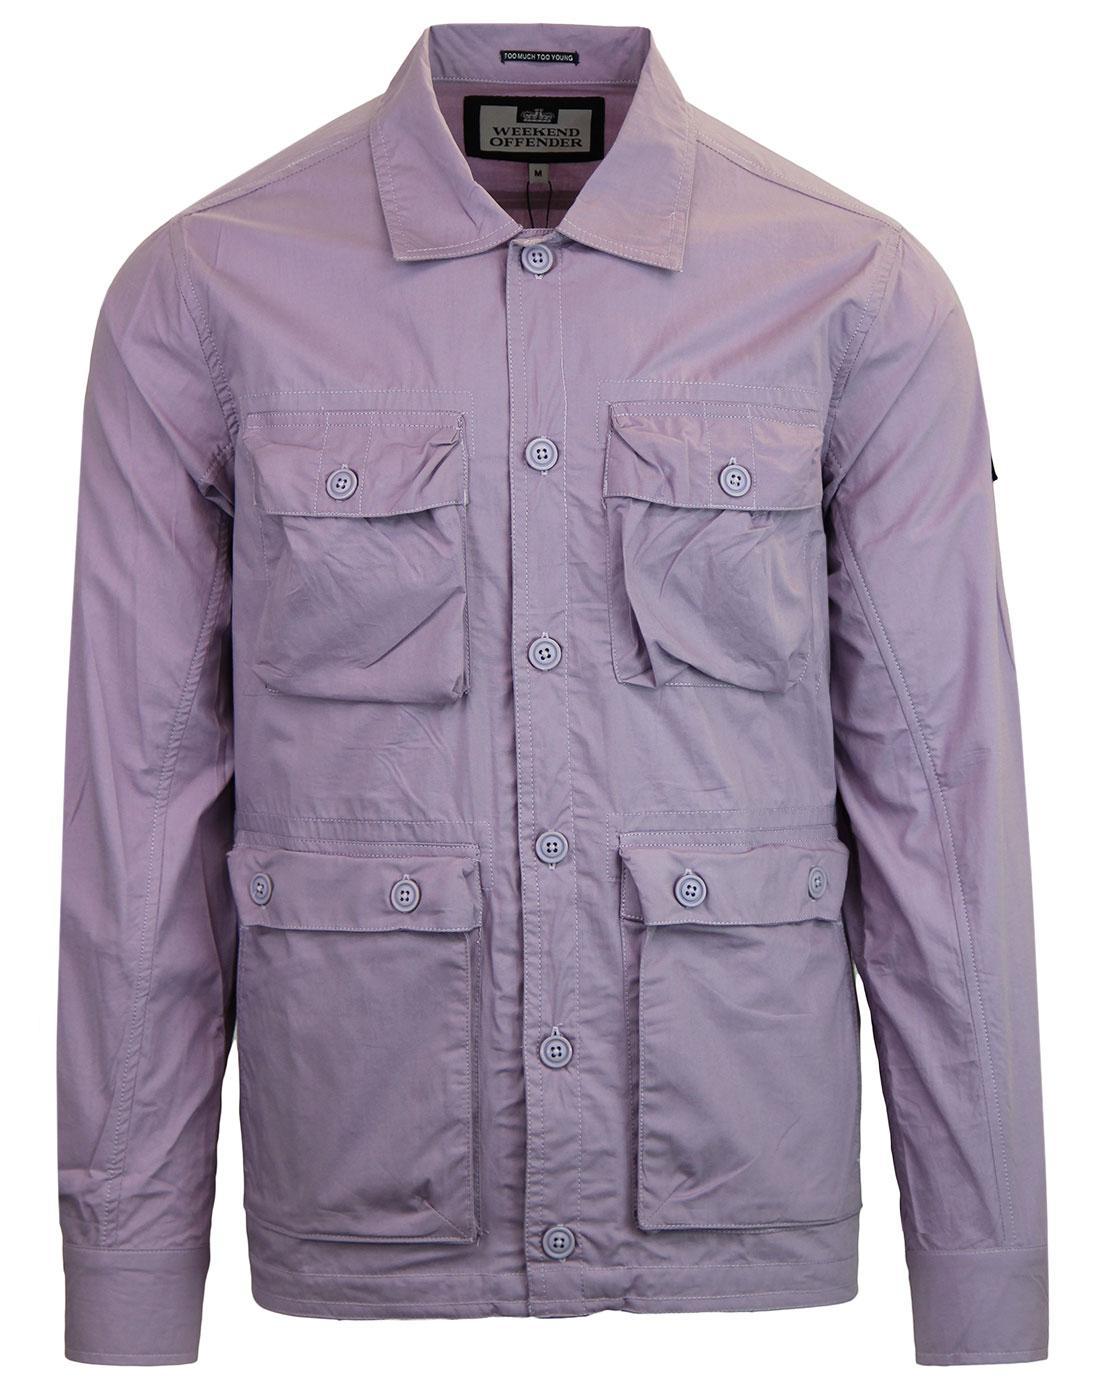 Salinger WEEKEND OFFENDER 90s Military Jacket (L)